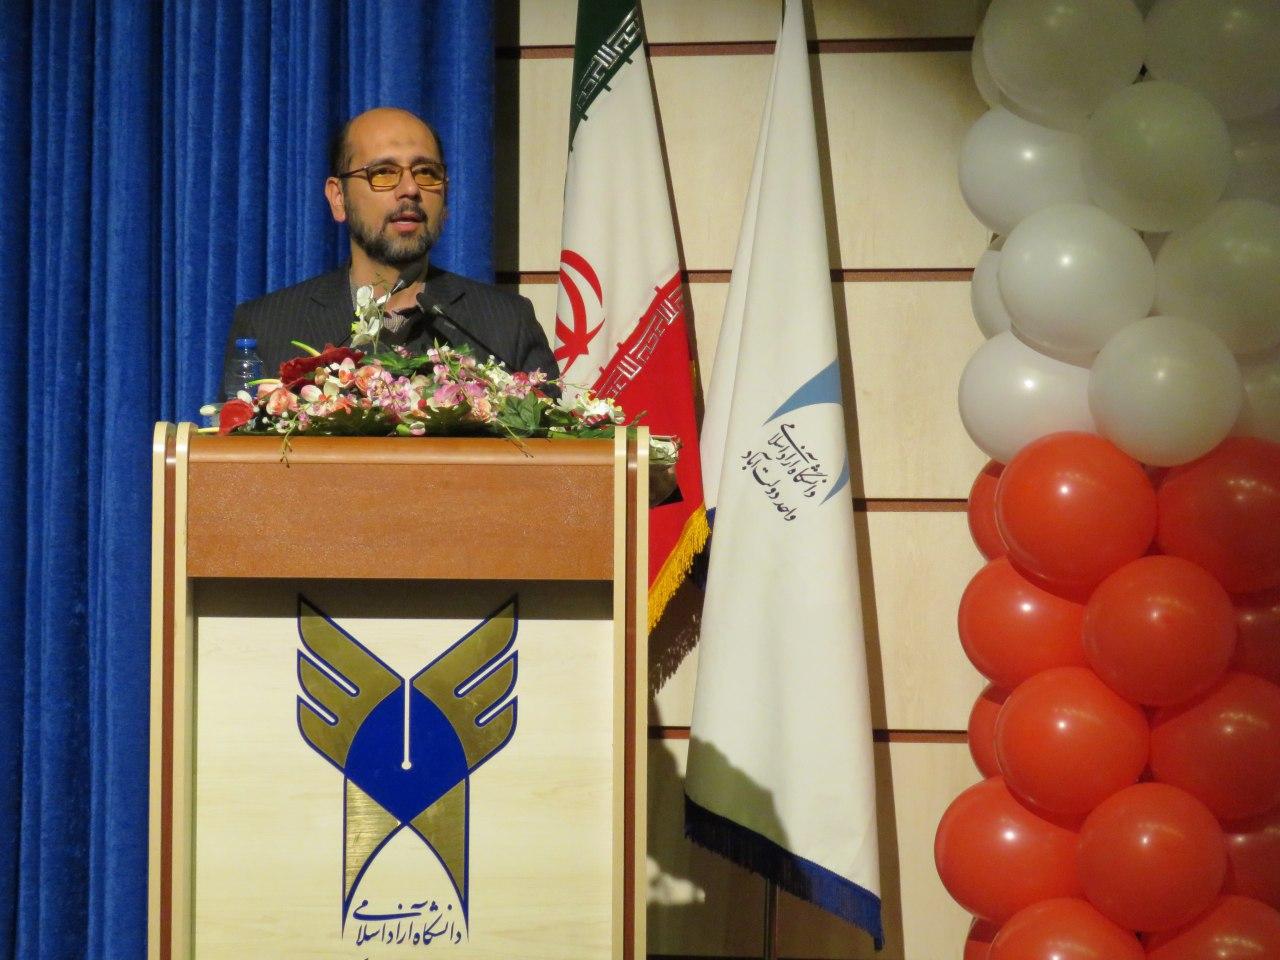 تصور وقوع جنگ نظامی ایران یا ساده انگاری بیش از حد است یا نفوذ نیروهای غربگرا